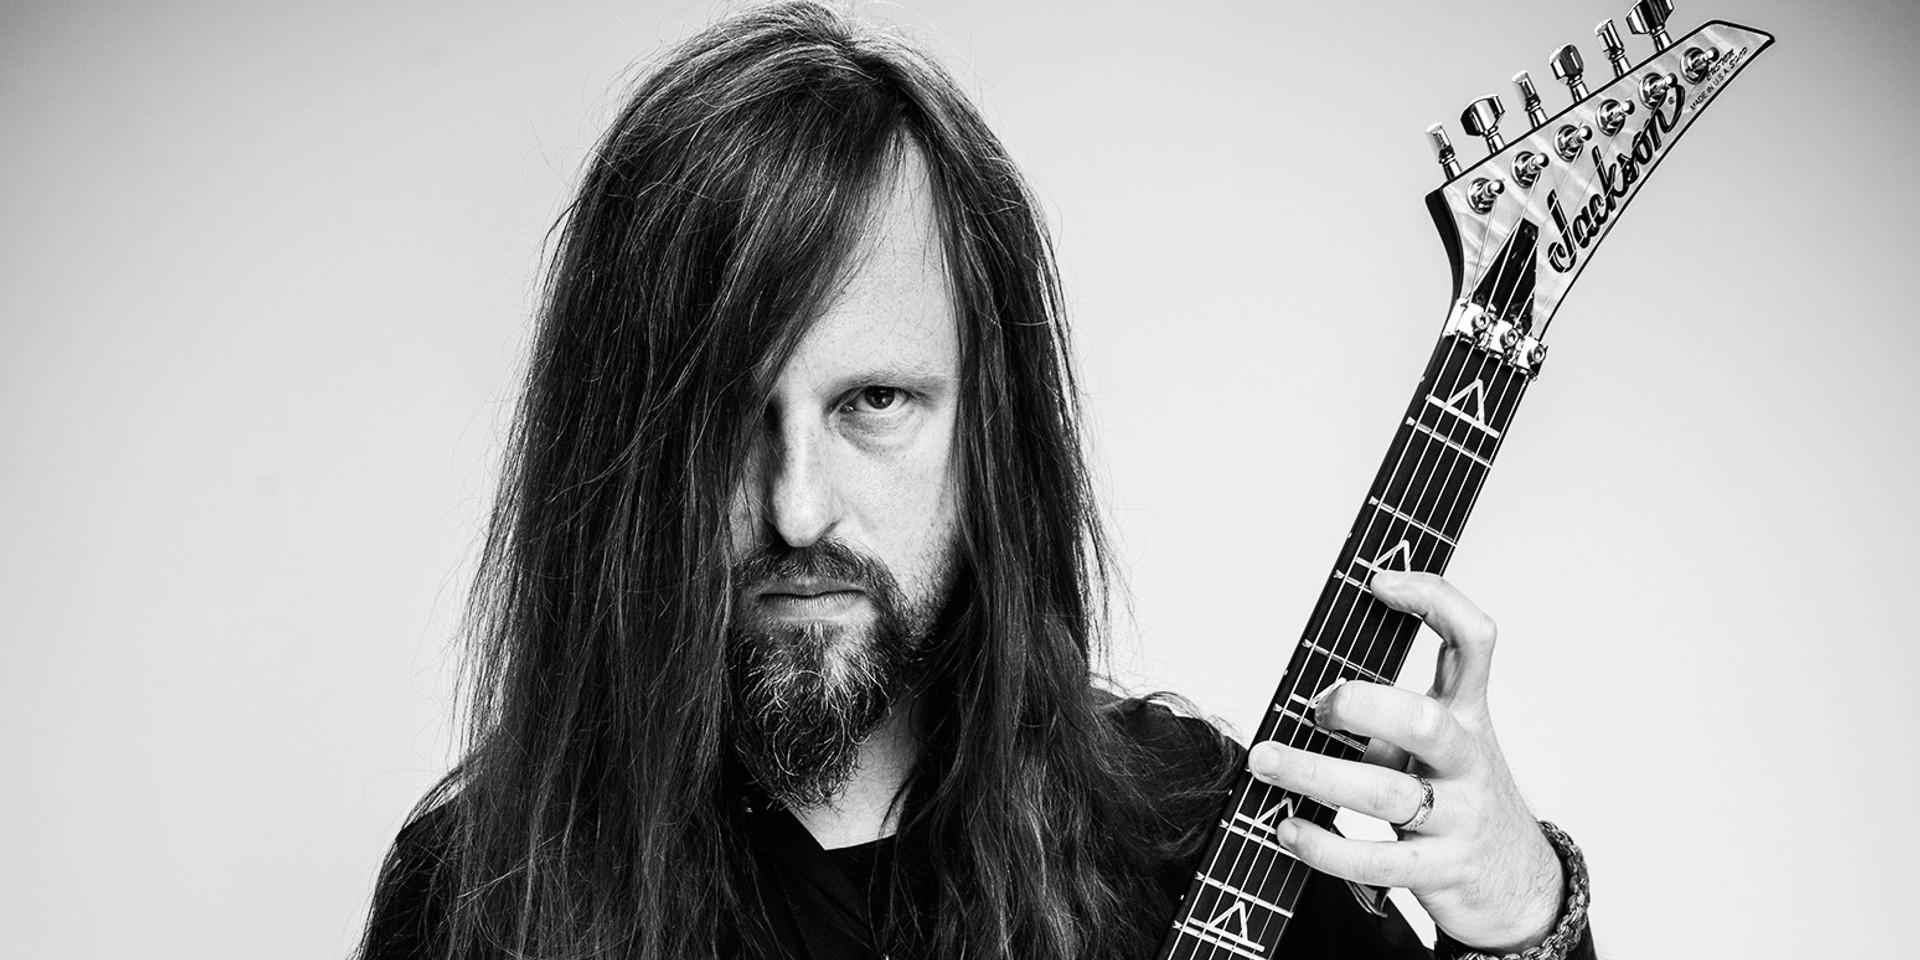 All That Remains guitarist Oli Herbert passes away at 44